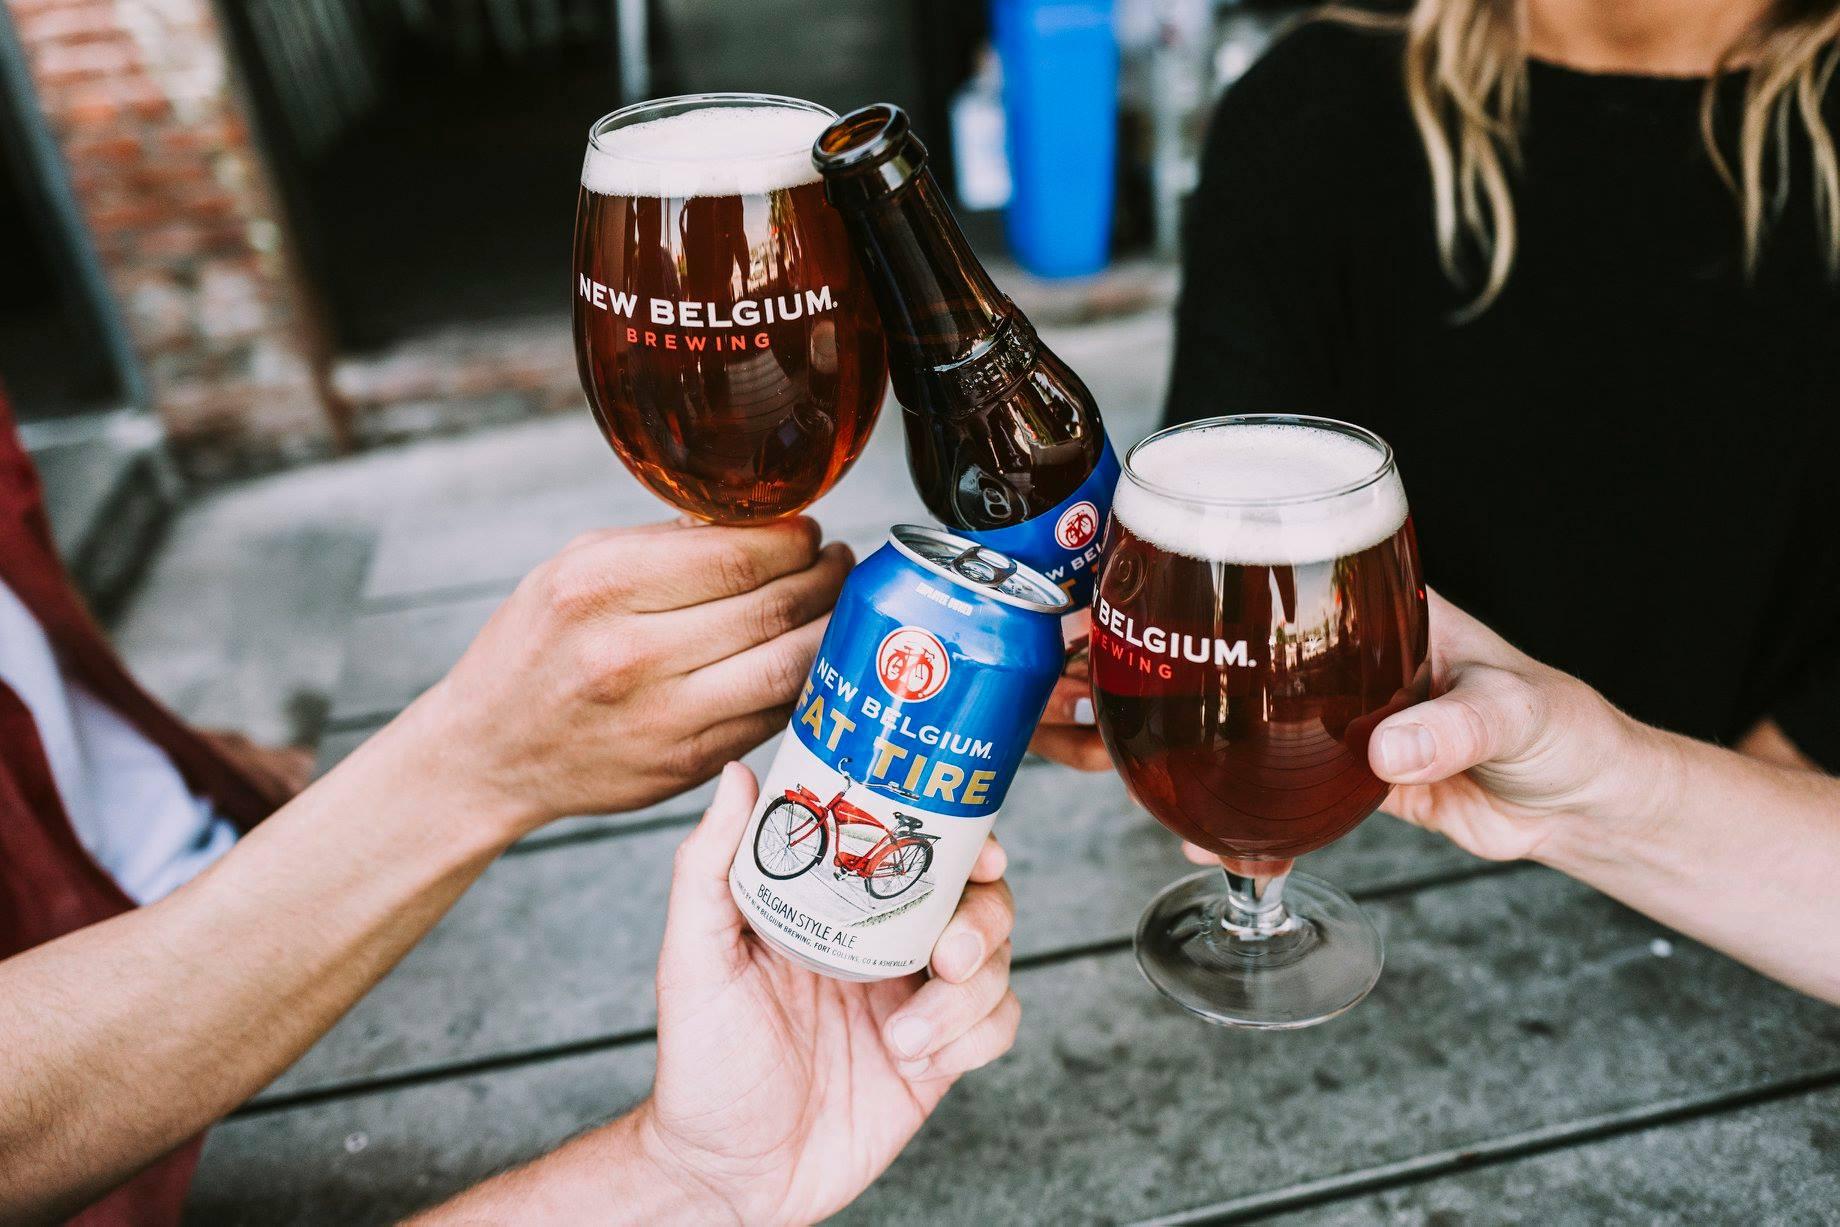 Donate at New Belgium Brewing in June